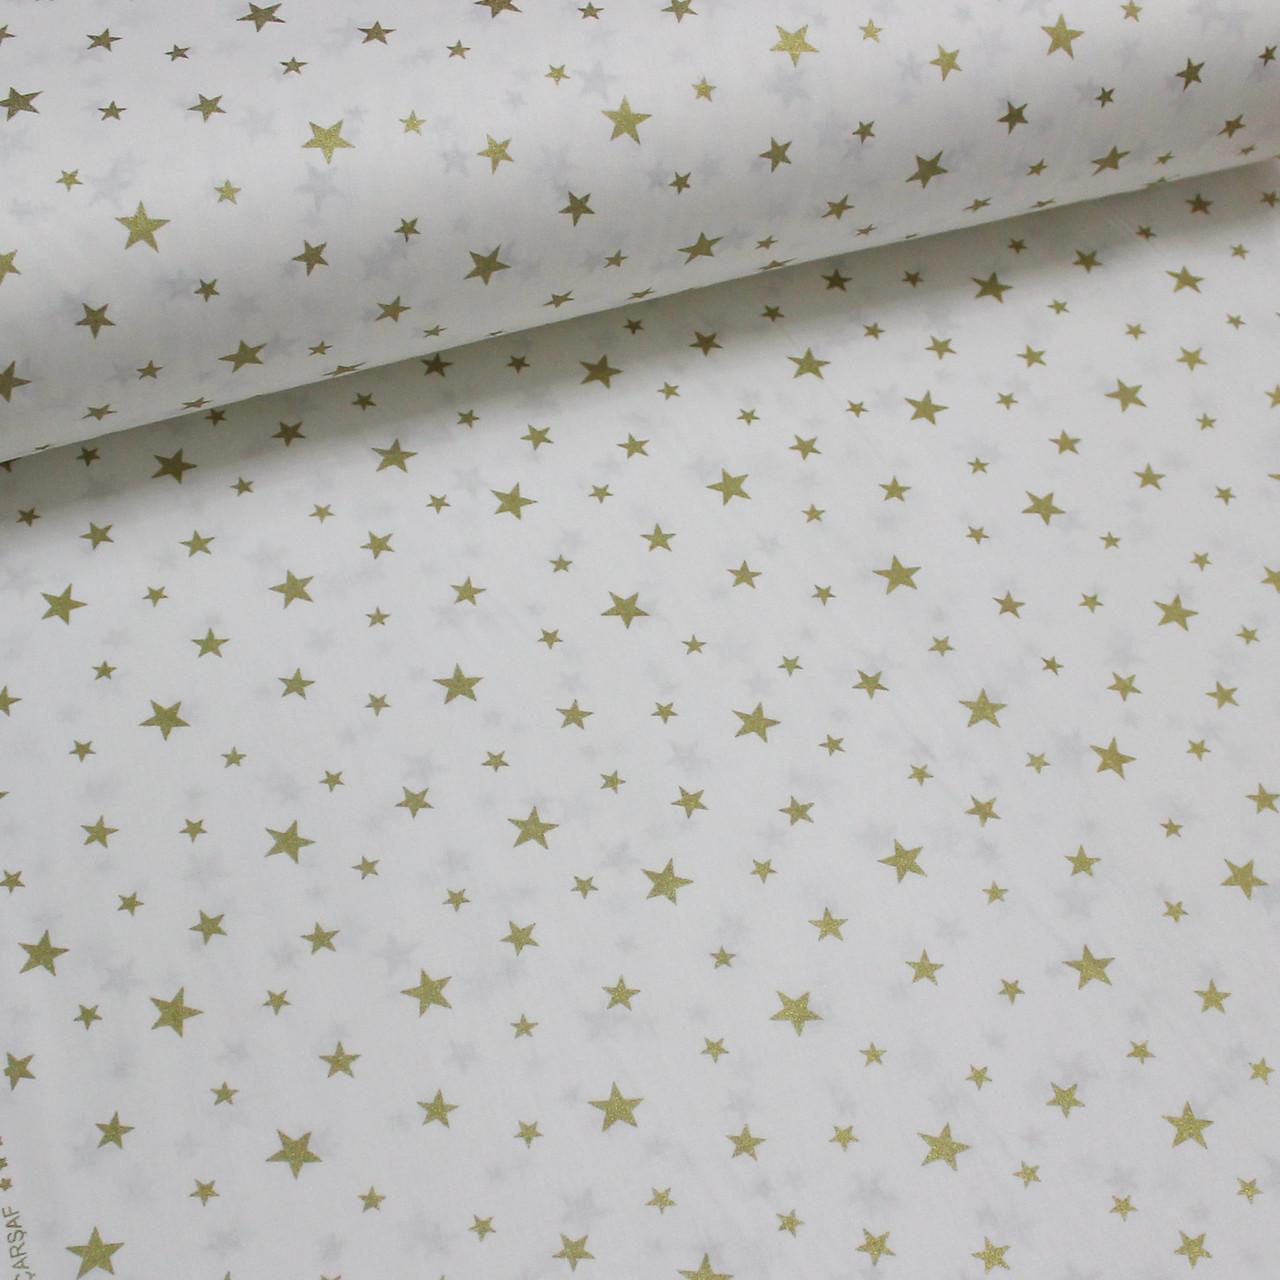 Хлопковая ткань (ТУРЦИЯ шир. 2,4 м) звезды золотые на белом большие и маленькие (глиттер)